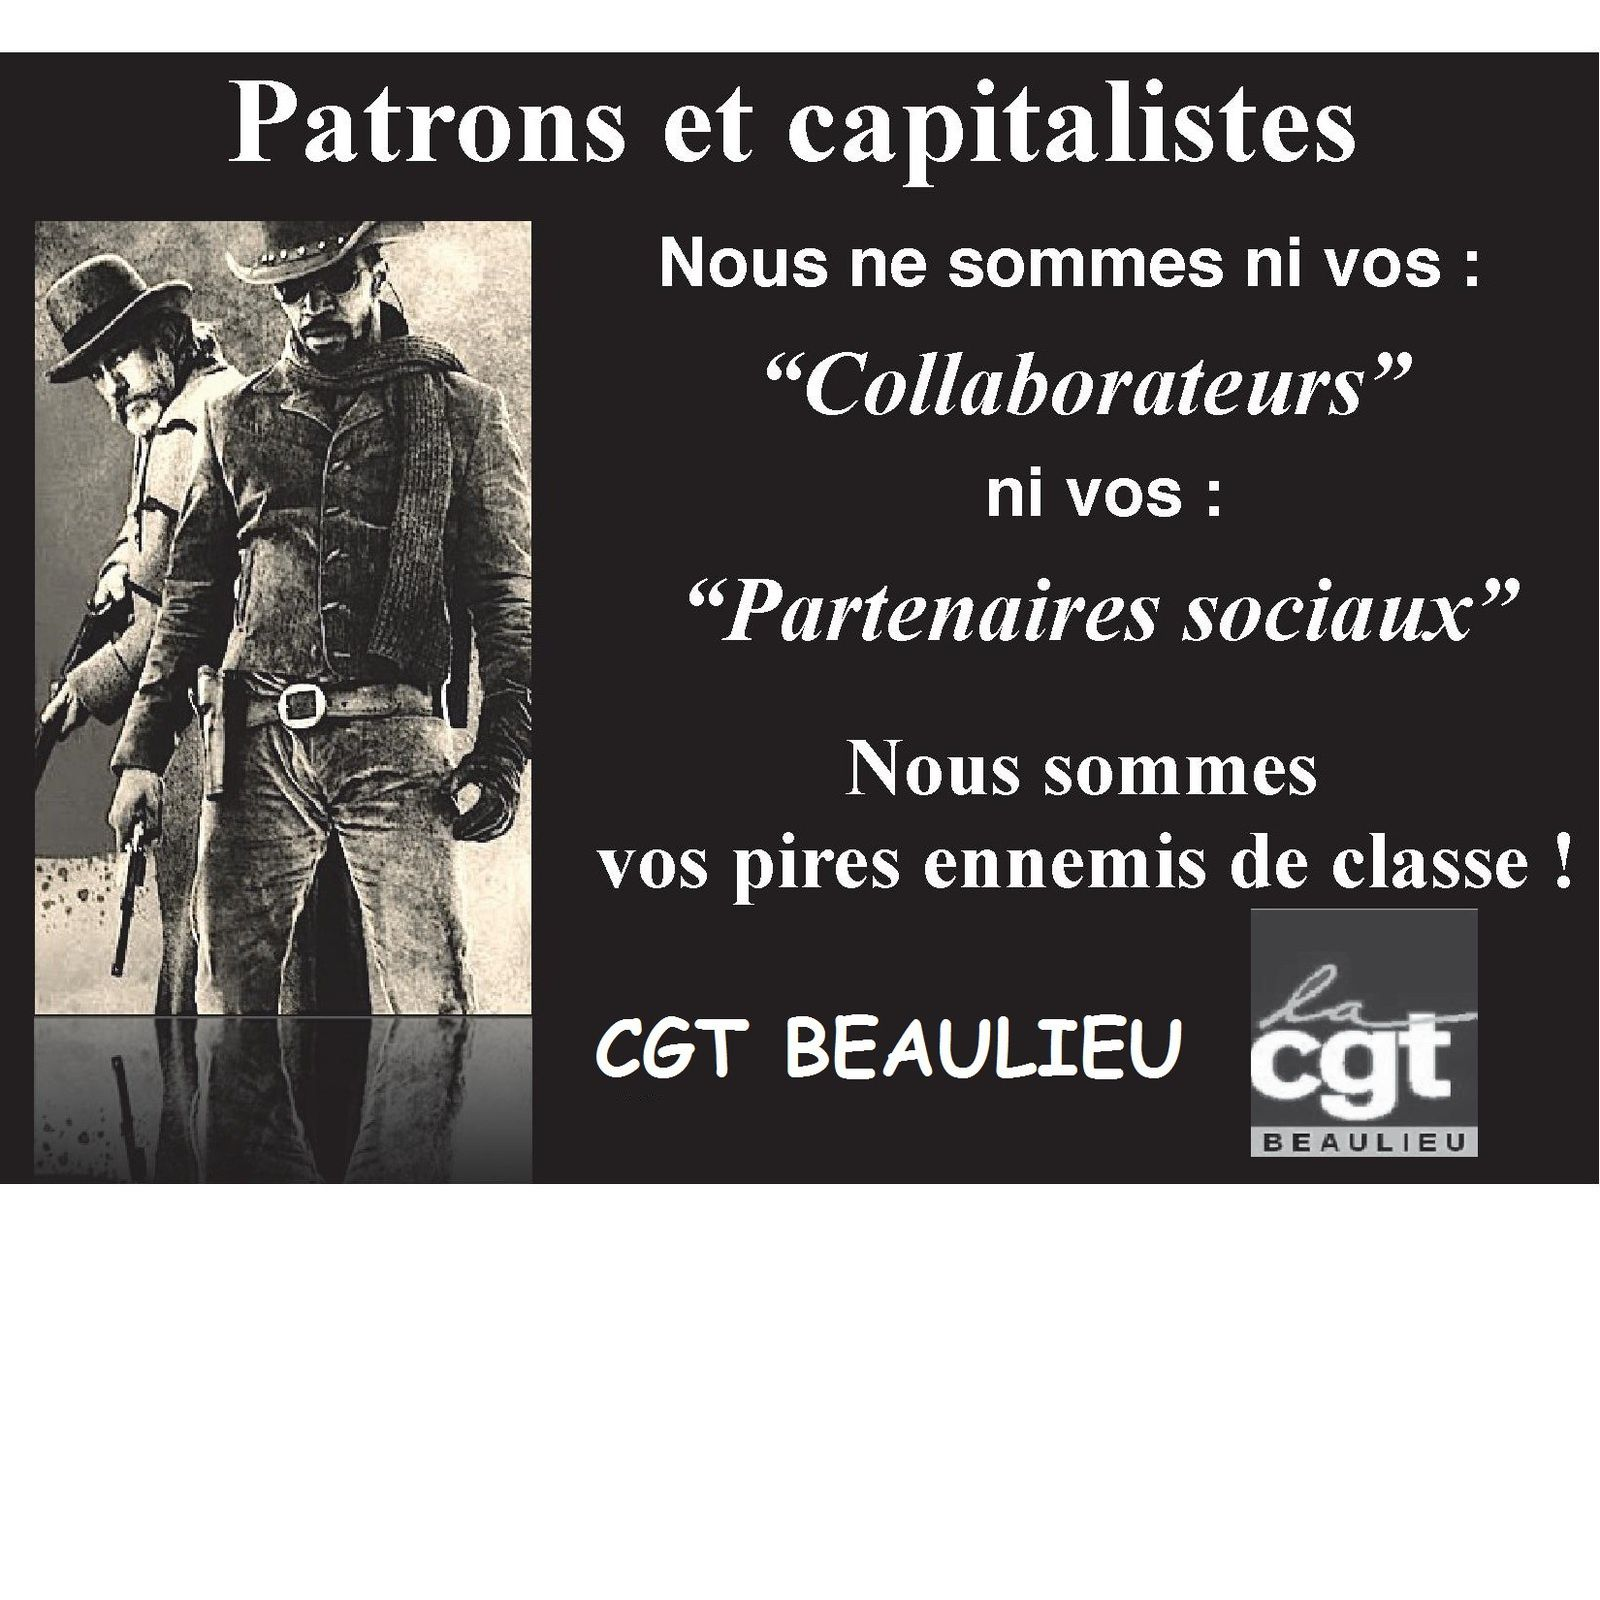 Patrons et capitalistes: ni collaborateurs ni partenaires sociaux. Vos pires ennemis de classe !